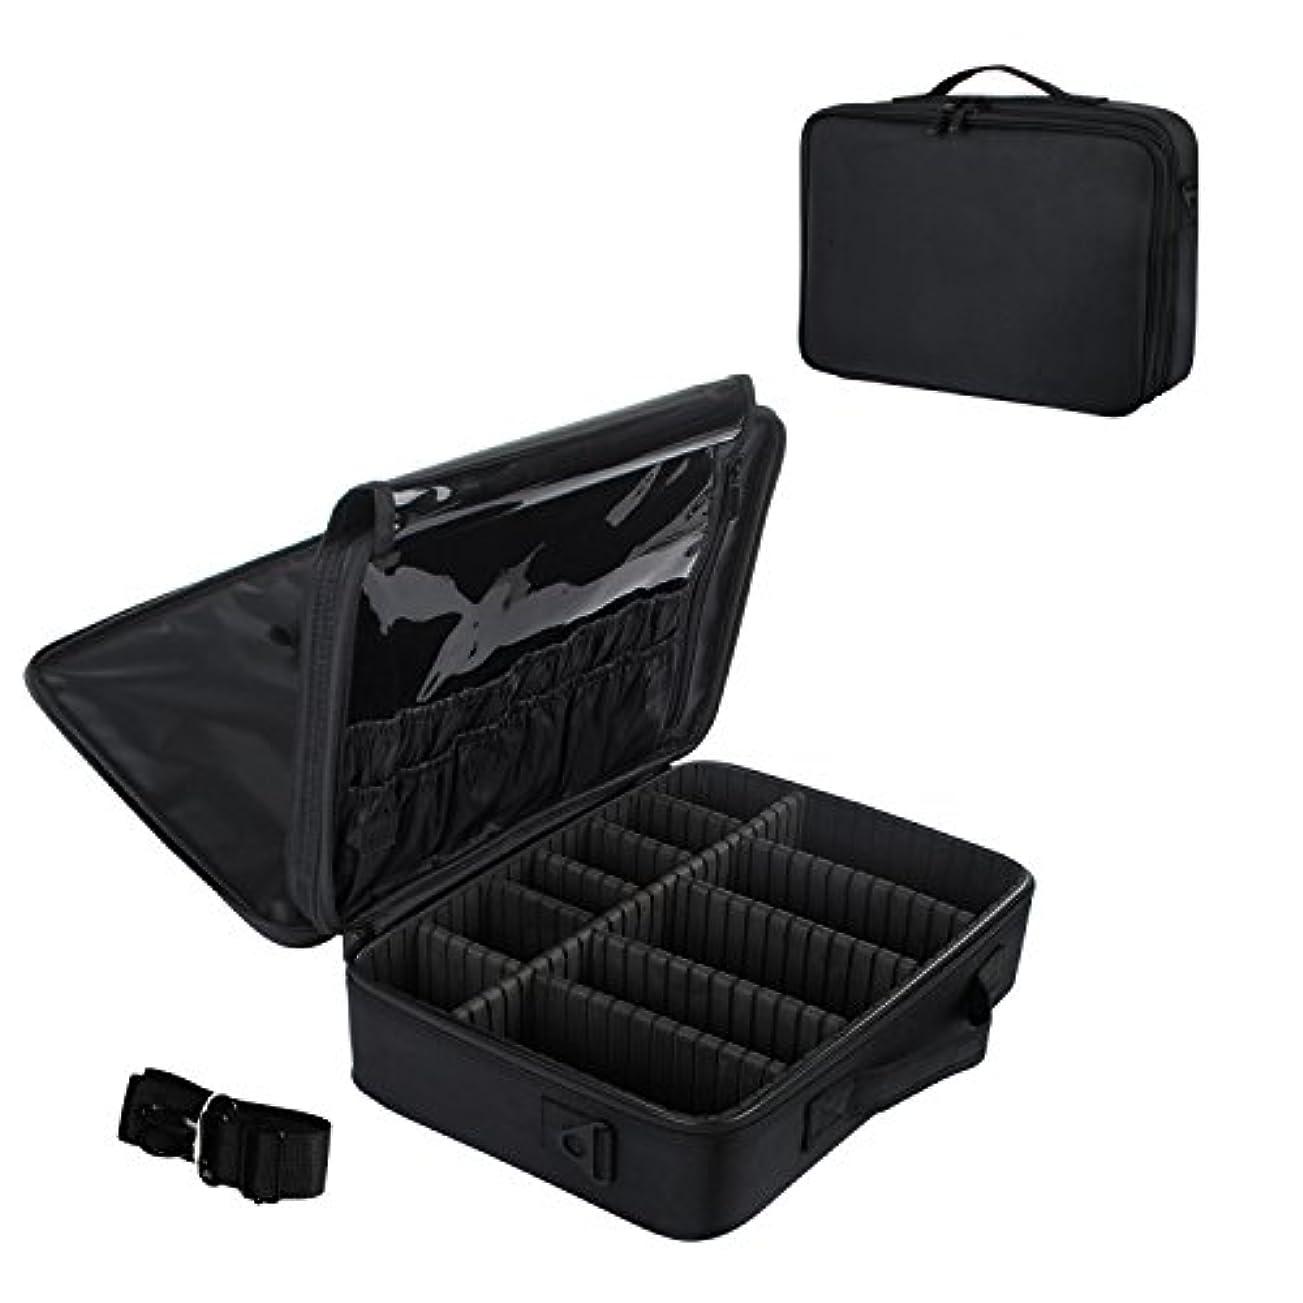 工夫するタイトましいメイクボックス プロ用 コスメボックス 大容量 軽量 メイク道具 化粧品収納 小物入れ 持ち運び 3way 収納ケース 調整仕切り板 2色選び (ブラック)